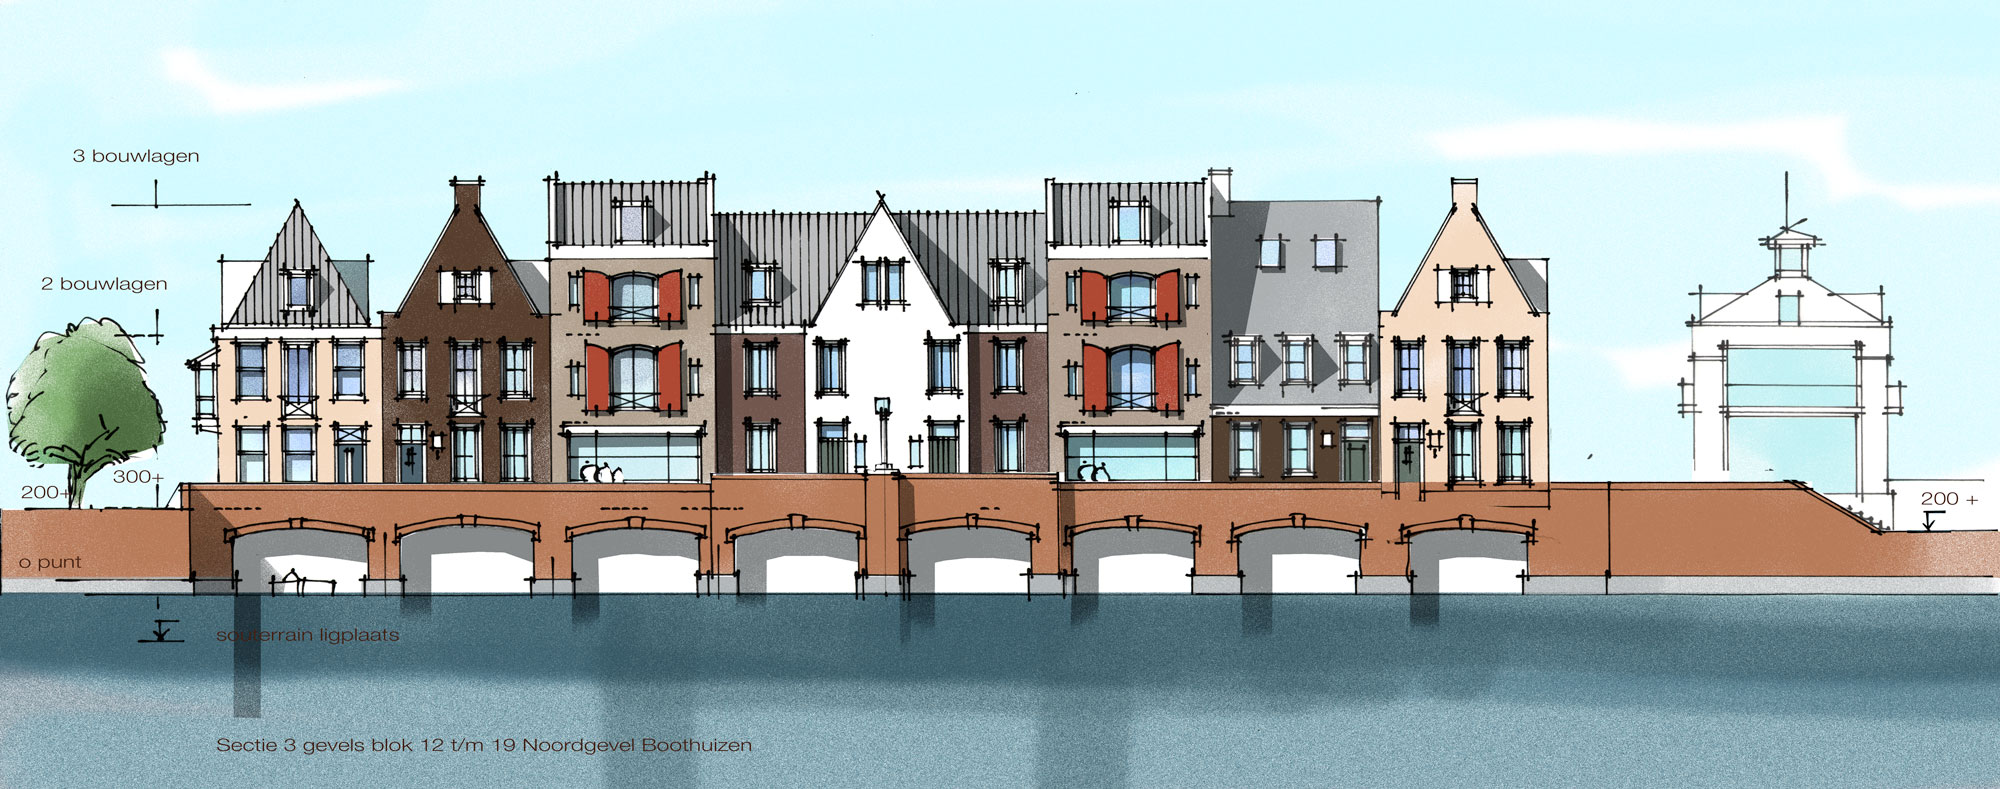 Concept boothuizen gevelaanzicht op schaal